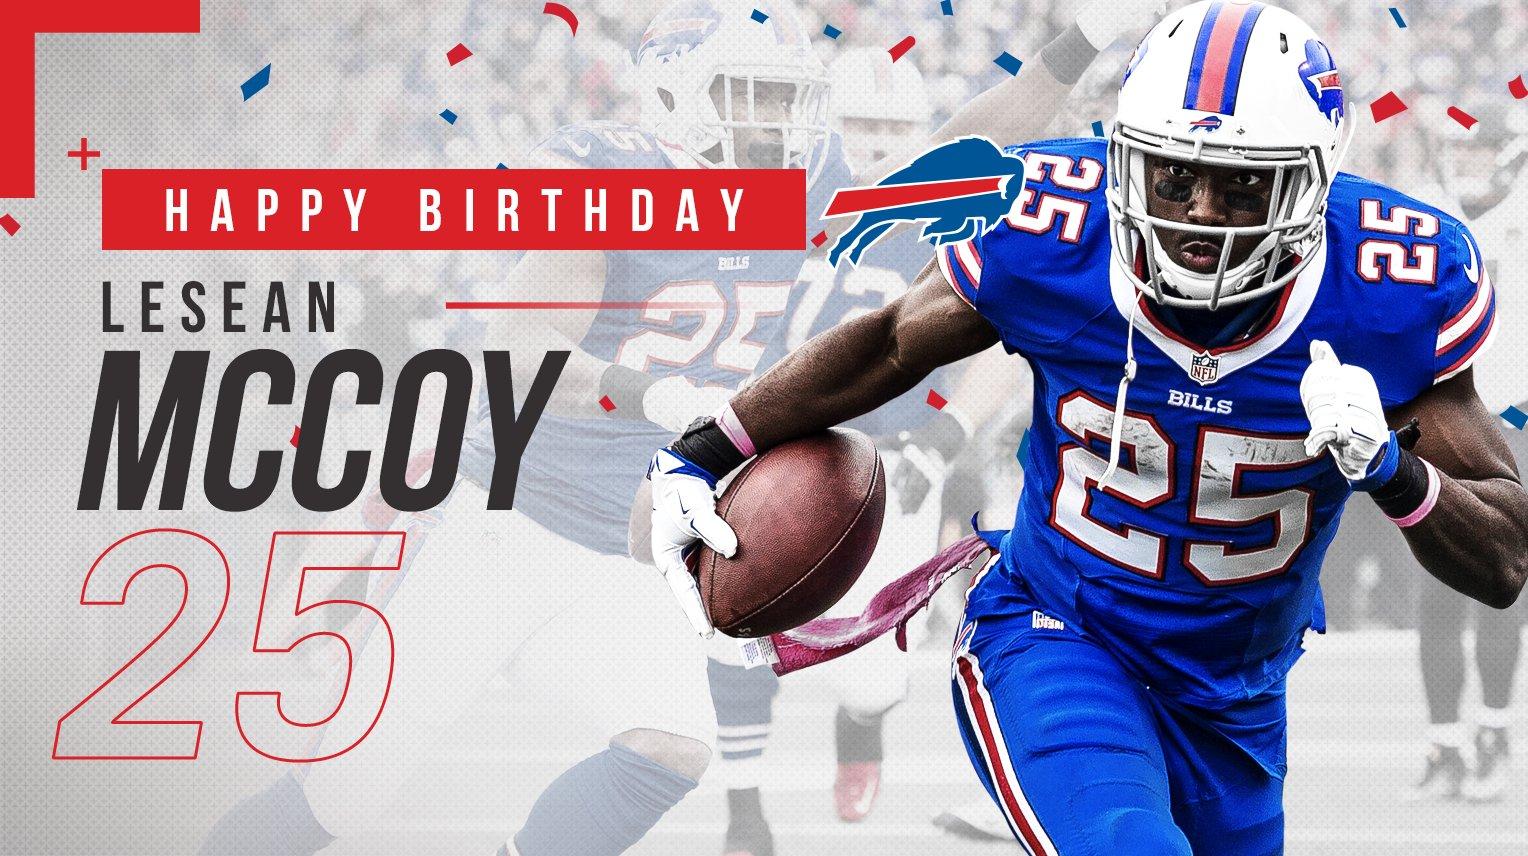 Shady! Shady! Shady!  Happy 29th birthday to LeSean McCoy!